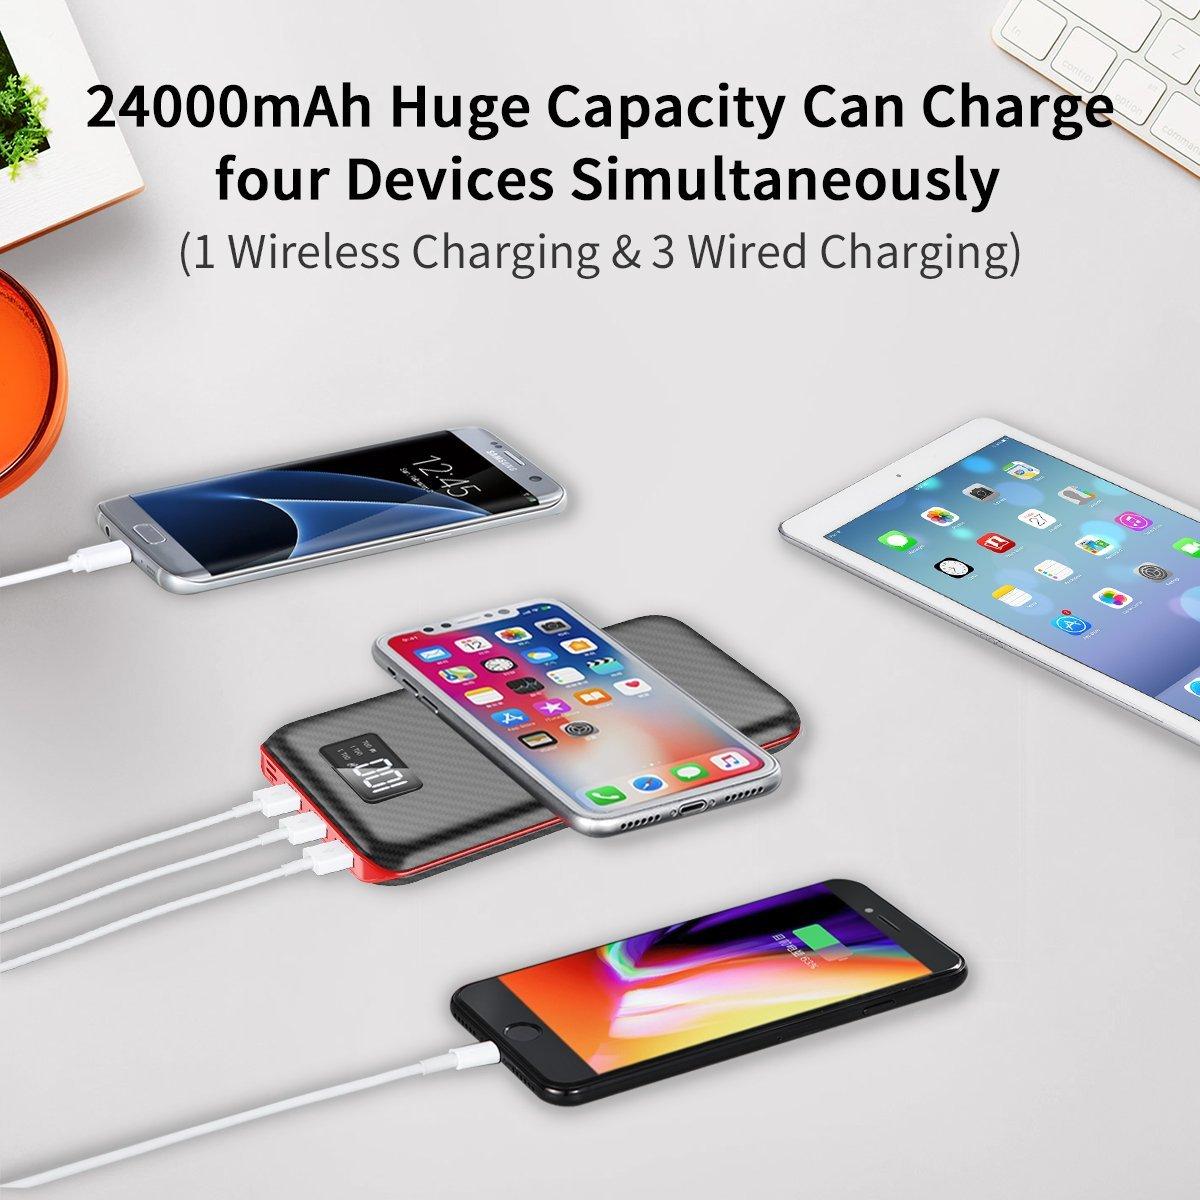 pin-sac-du-phong-di-dong-kedron-portable-charger-power-bank-24000mah-wireless-ch